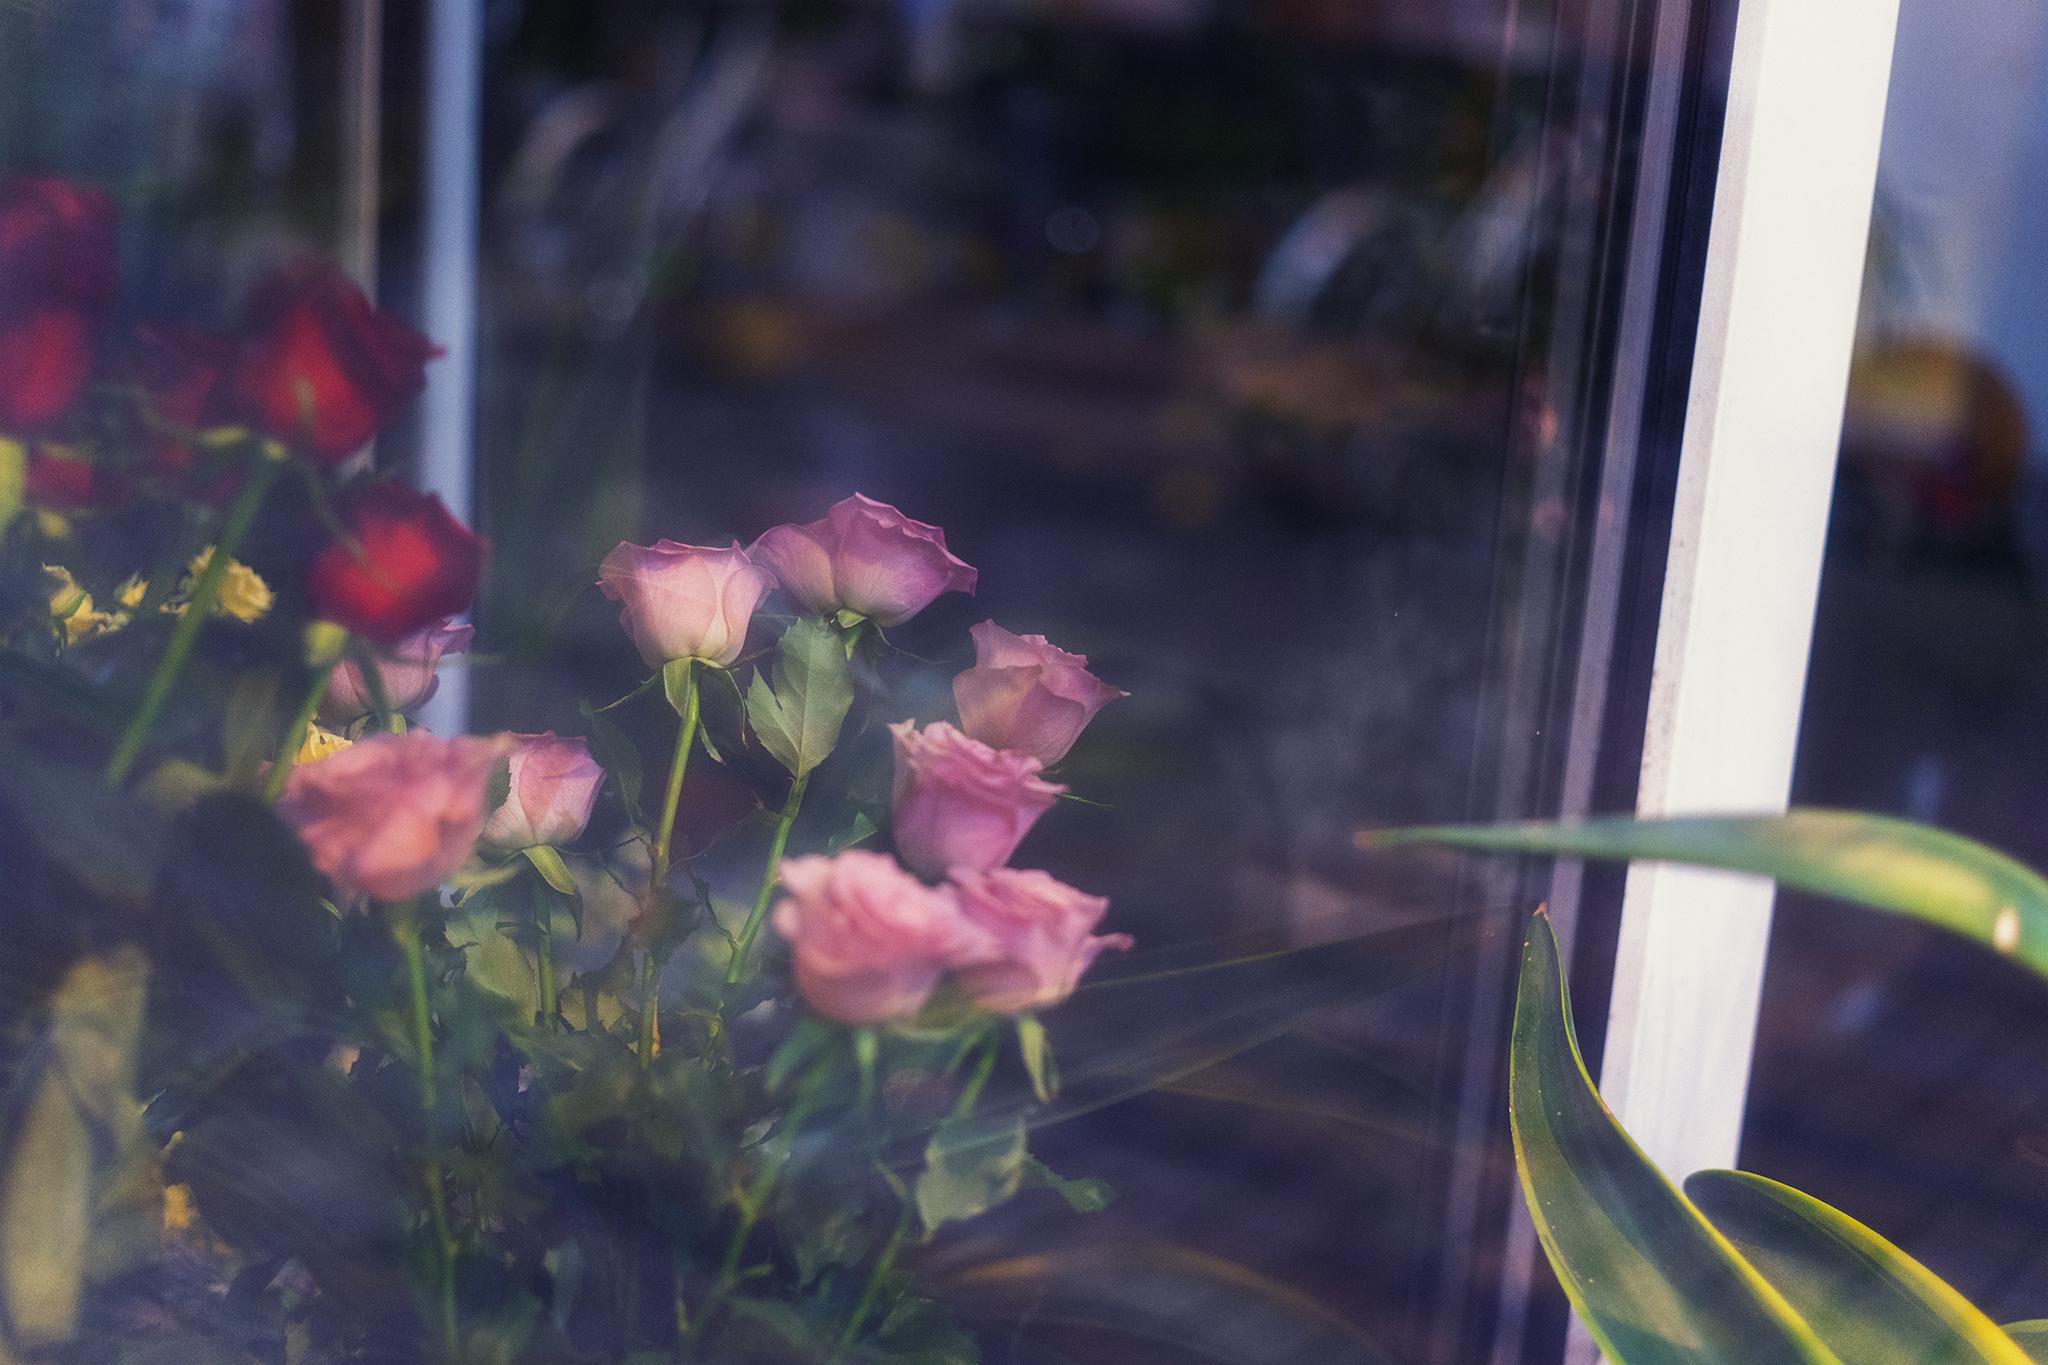 夜に咲く花のスナップ写真【ZEISS Loxia 2/50】